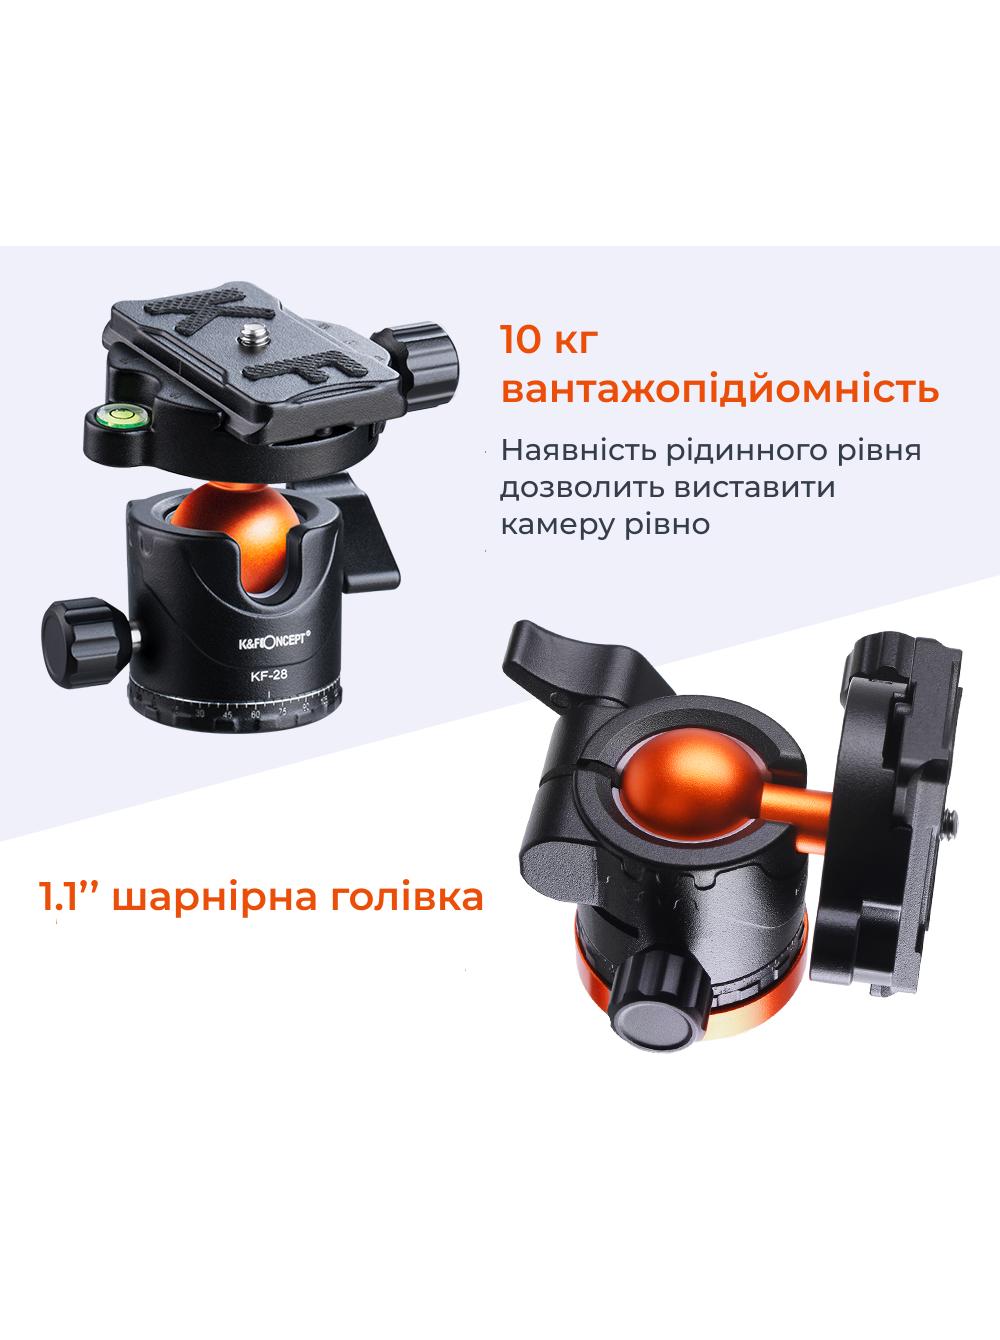 Алюминиевый штатив K&F SA254M2 для зеркальной камеры KF09.089